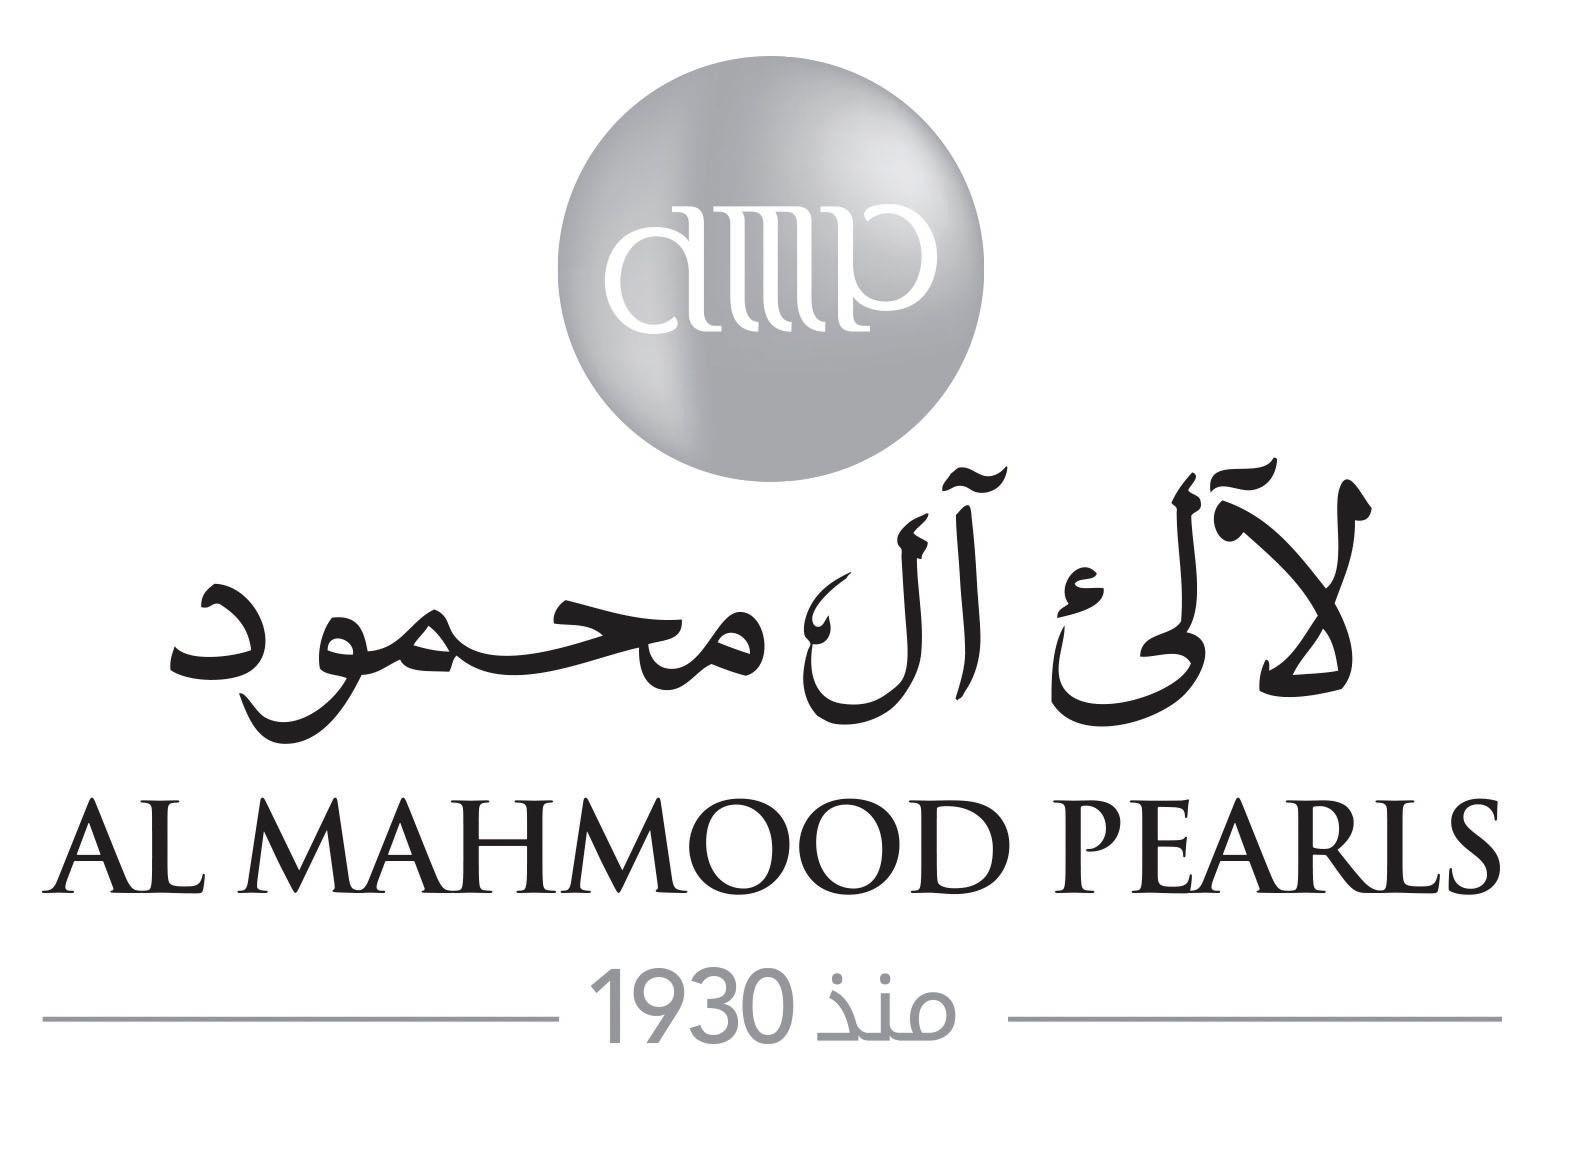 Al Mahmood Pearls